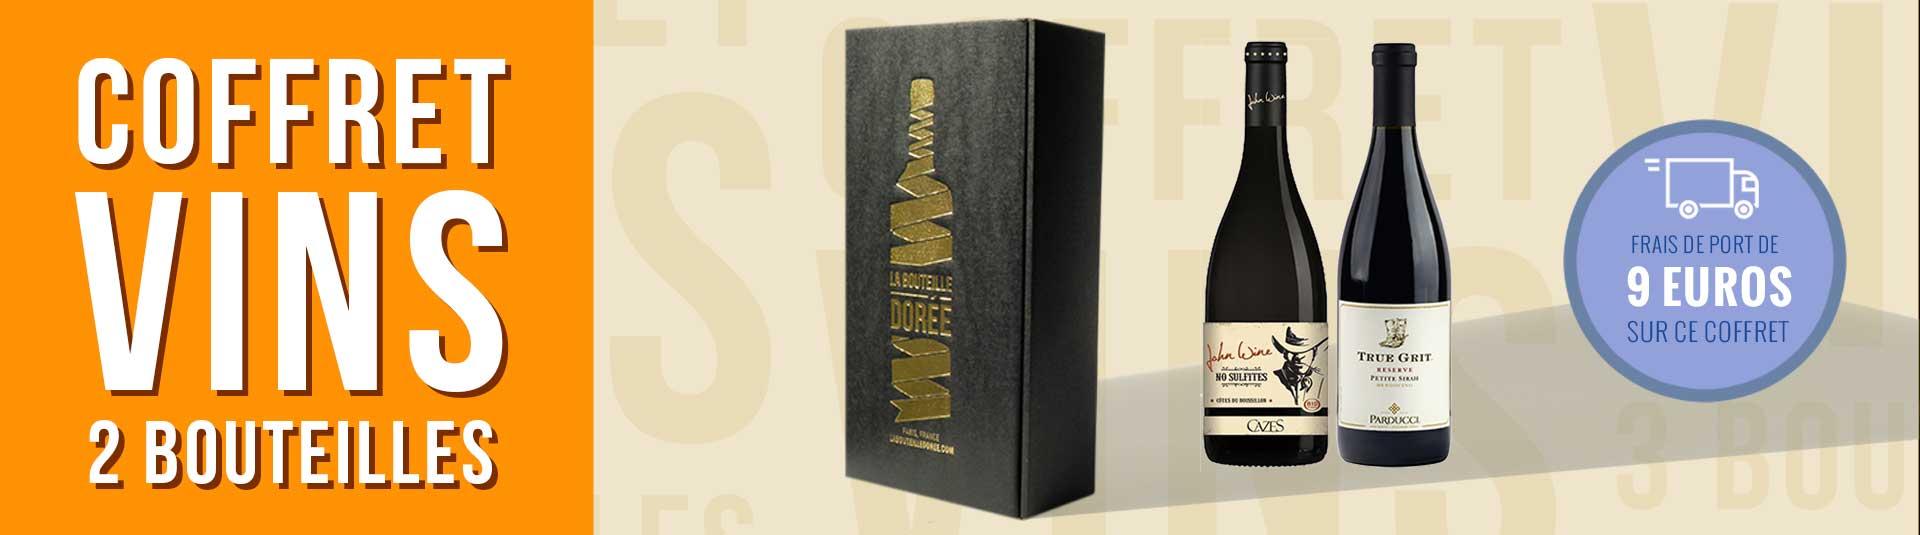 Coffret vin Western 2 bouteilles